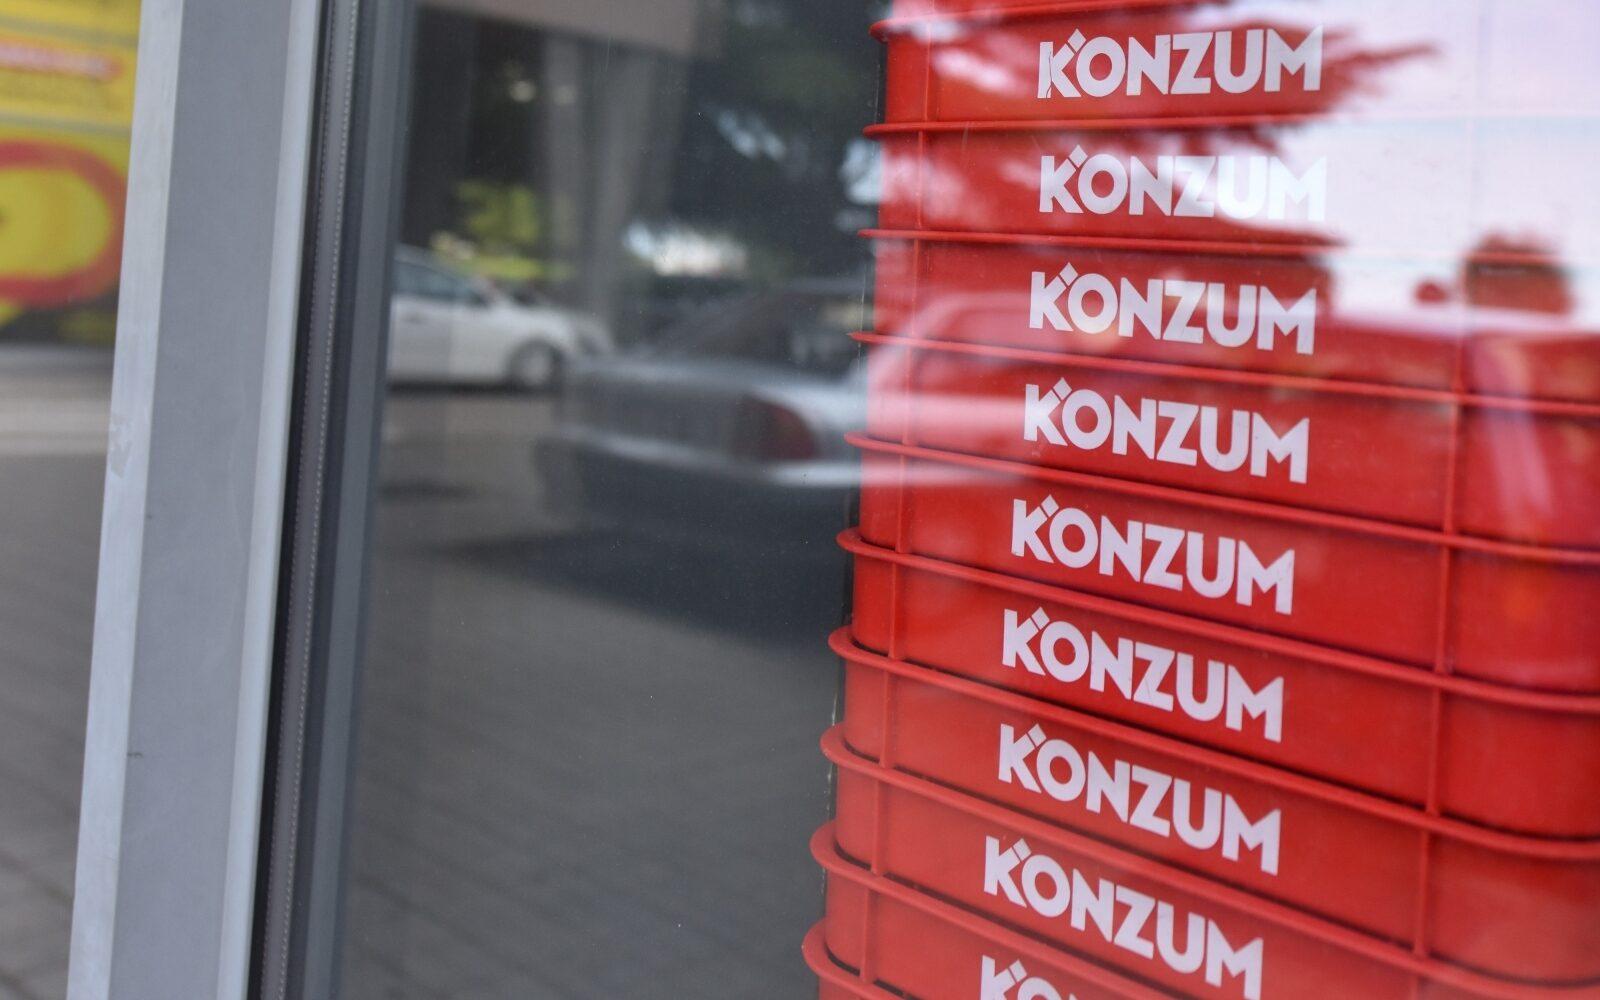 Trazite Posao Zaposljavaju Konzum Metro Plodine Dom Medisal Fina Pevec Poslovni Dnevnik